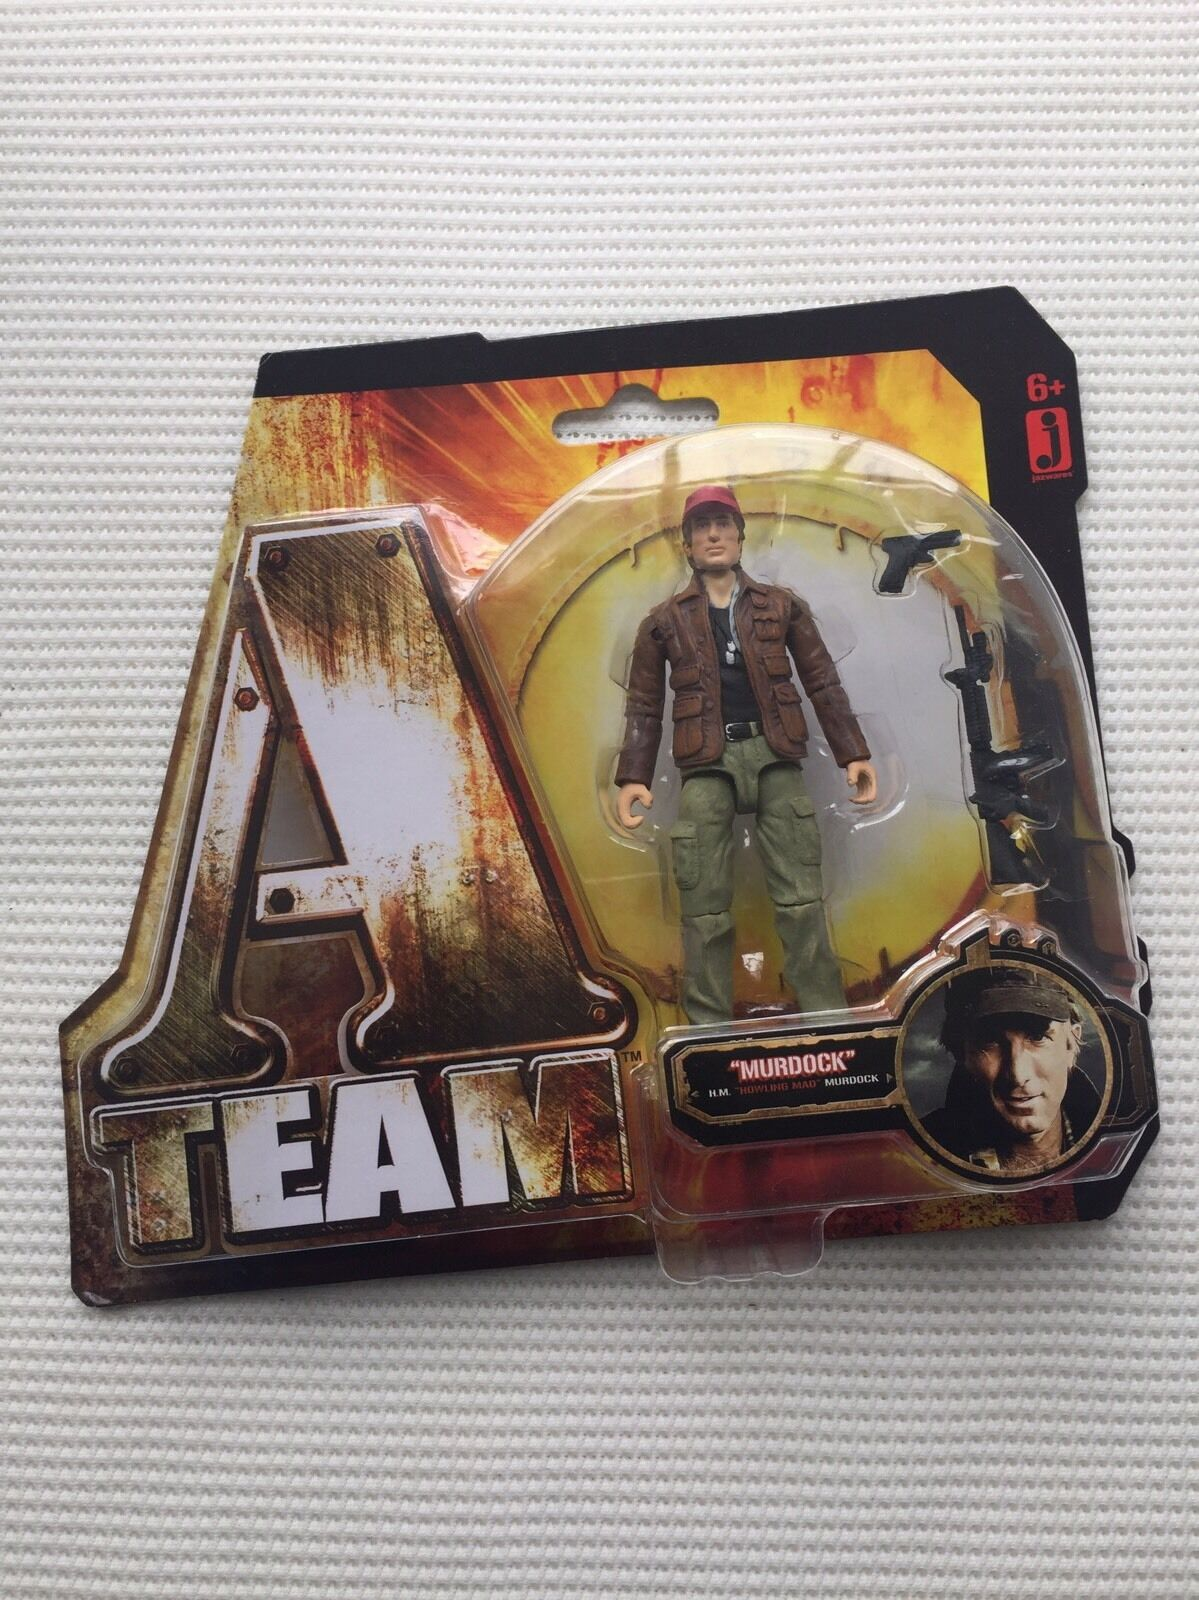 A-Team-Murdock Figura-HM  ululare MAD  Murdock TOMY 2010-NUOVO CON SCATOLA SIGILLATA